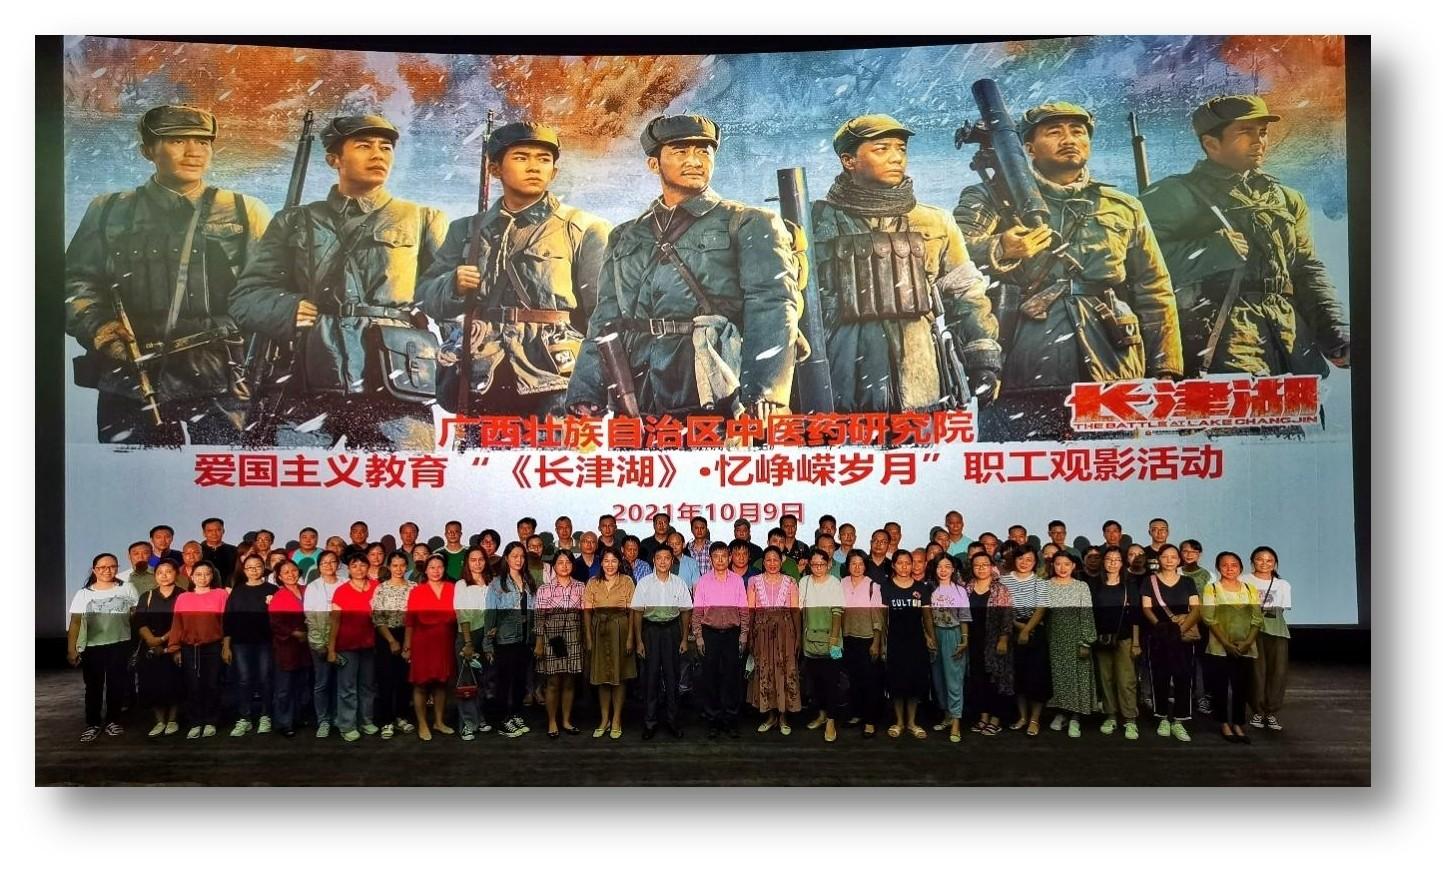 广西中医药研究院组织干部职工观看电影《长津湖》